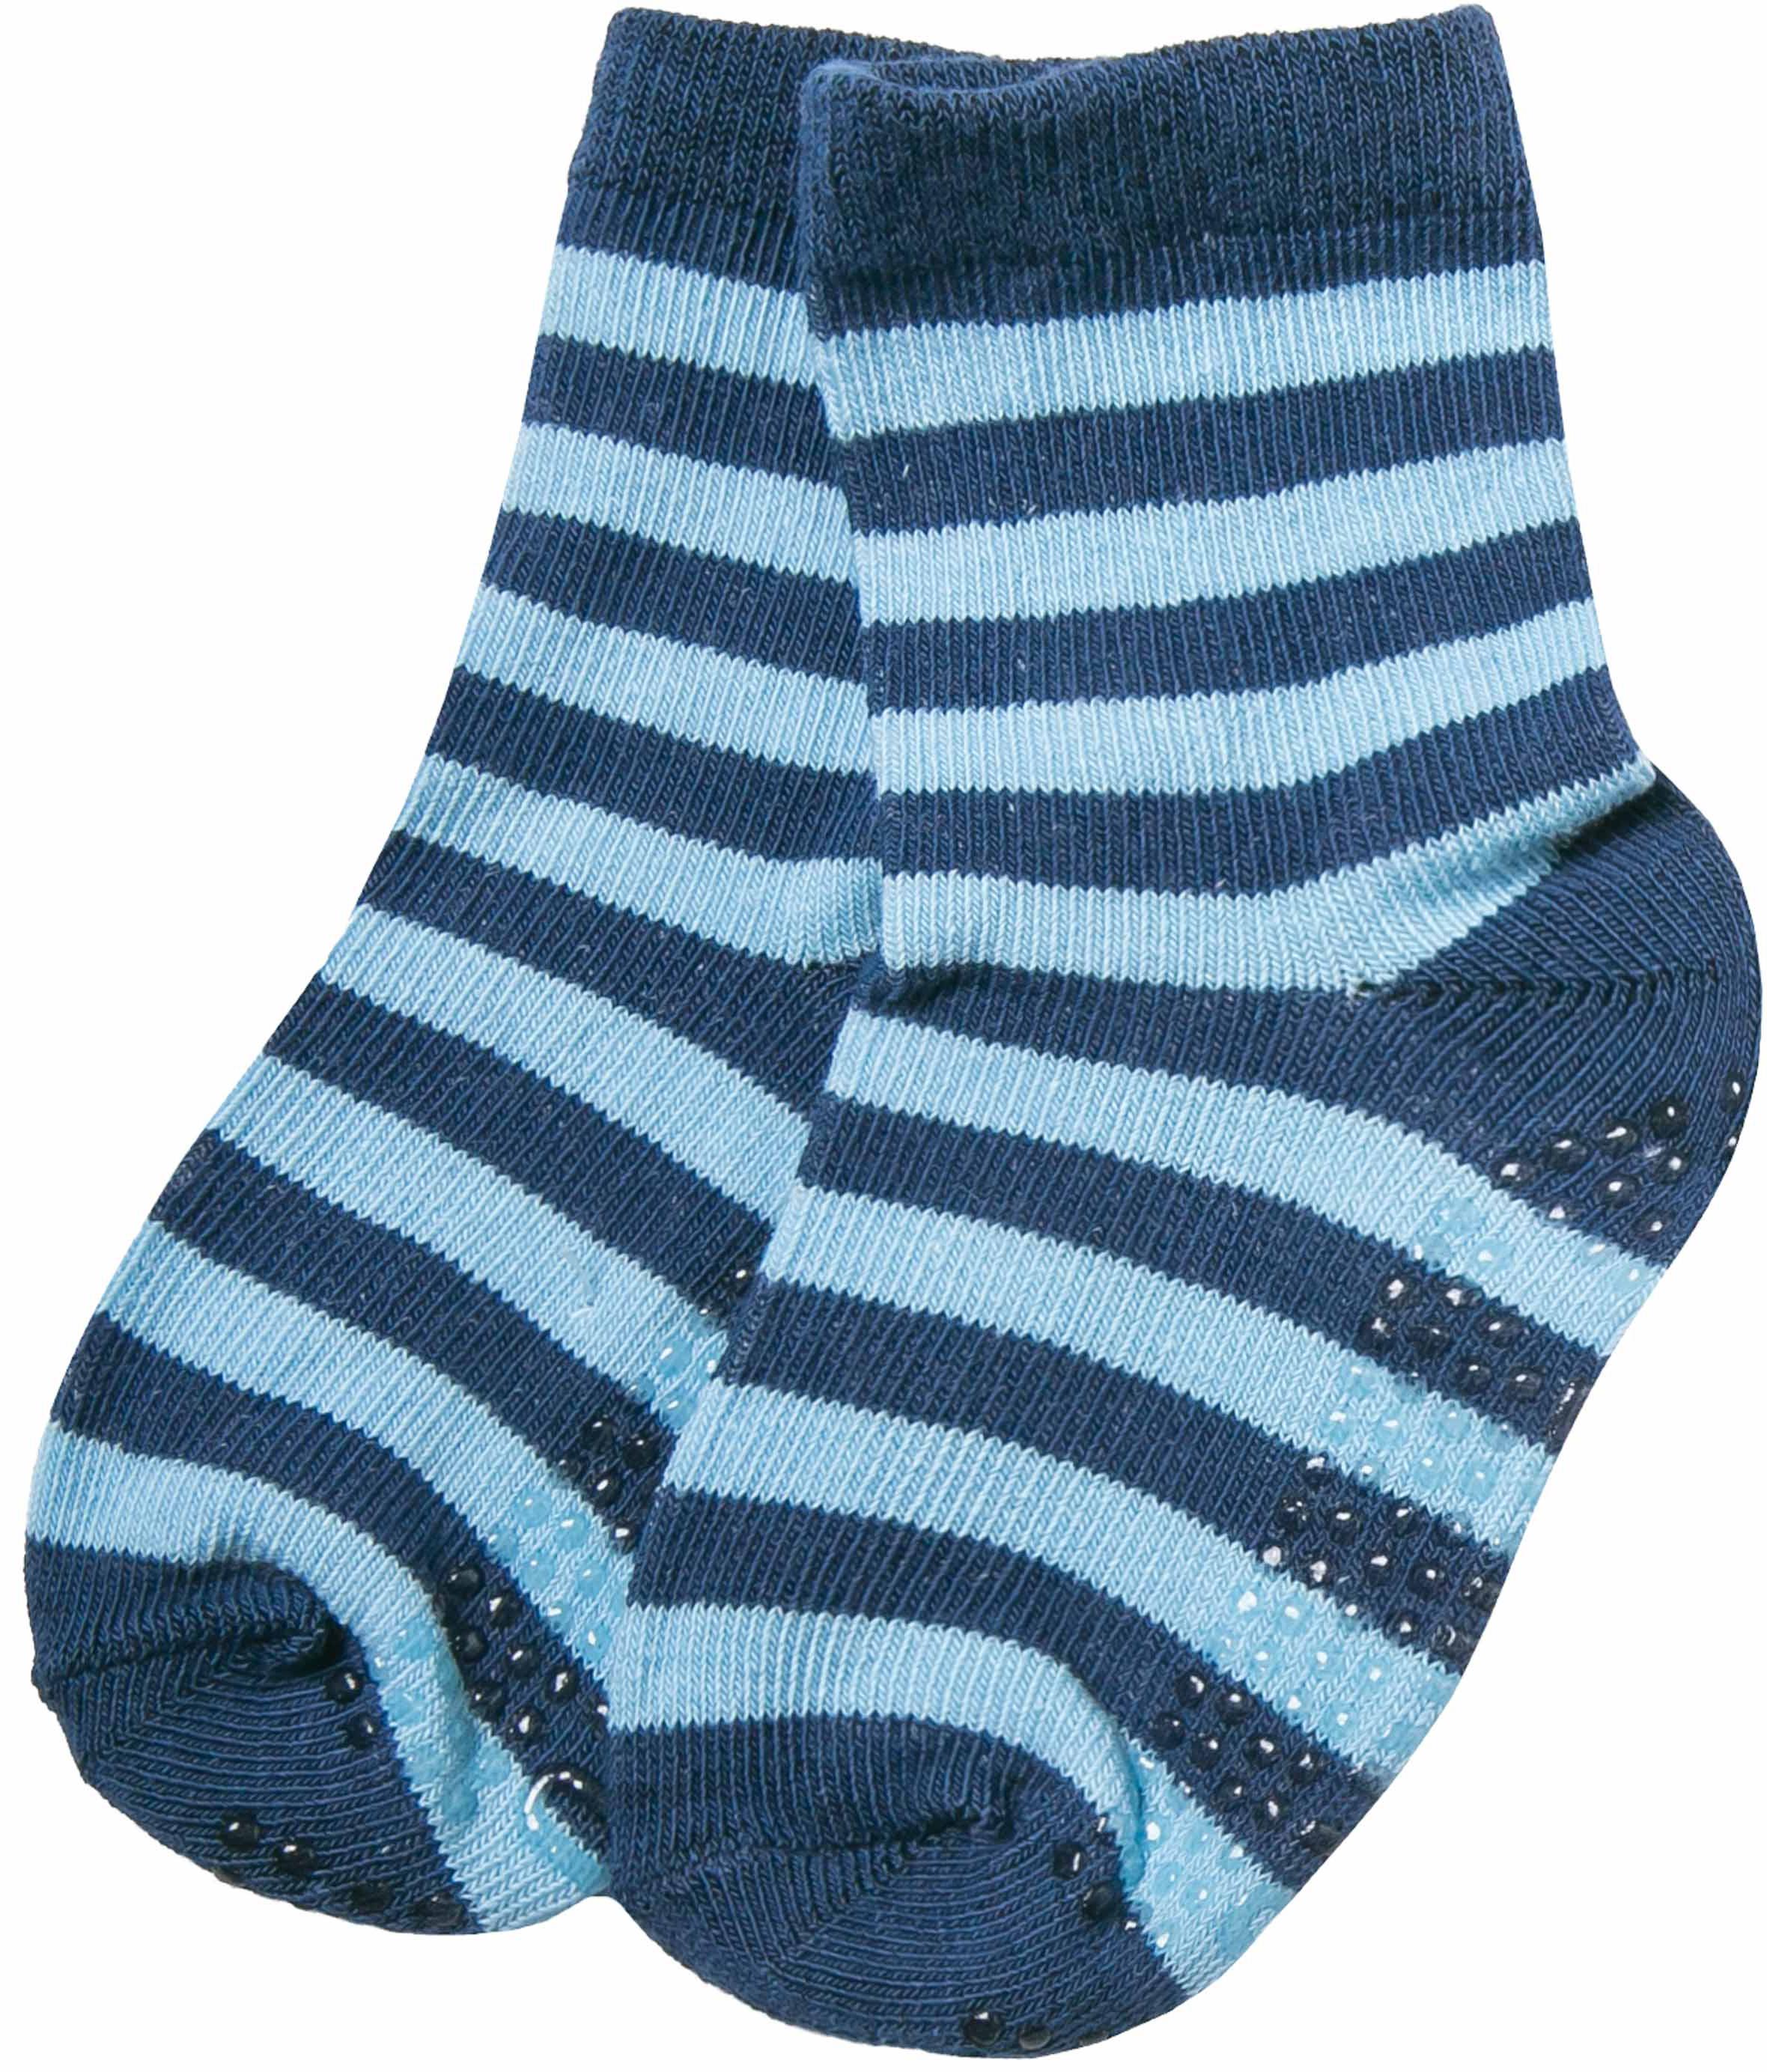 Носки Barkito Носки антискользящие для мальчика Barkito, синие с рисунком в полоску носки махровые для мальчика snm 1279 голубой charmante